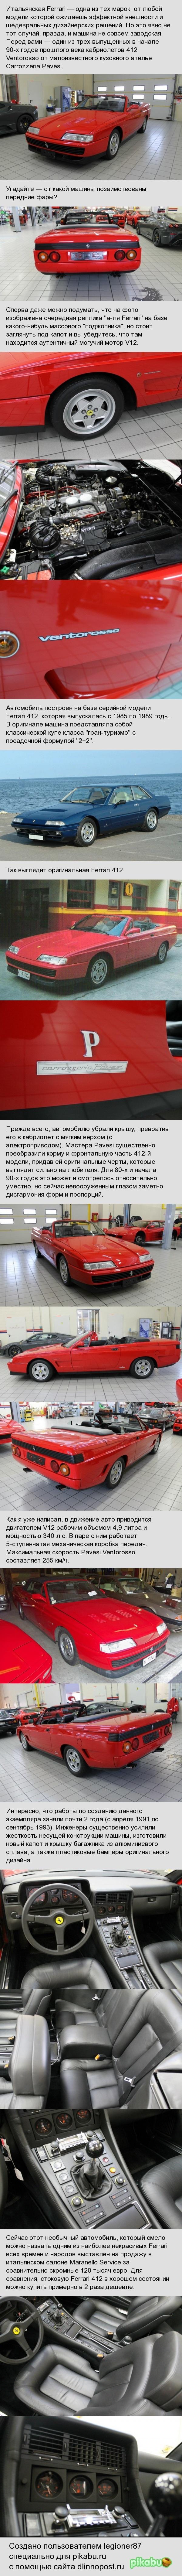 Самая некрасивая Ferarri авто, Ferrari, длиннопост, История автомобилей